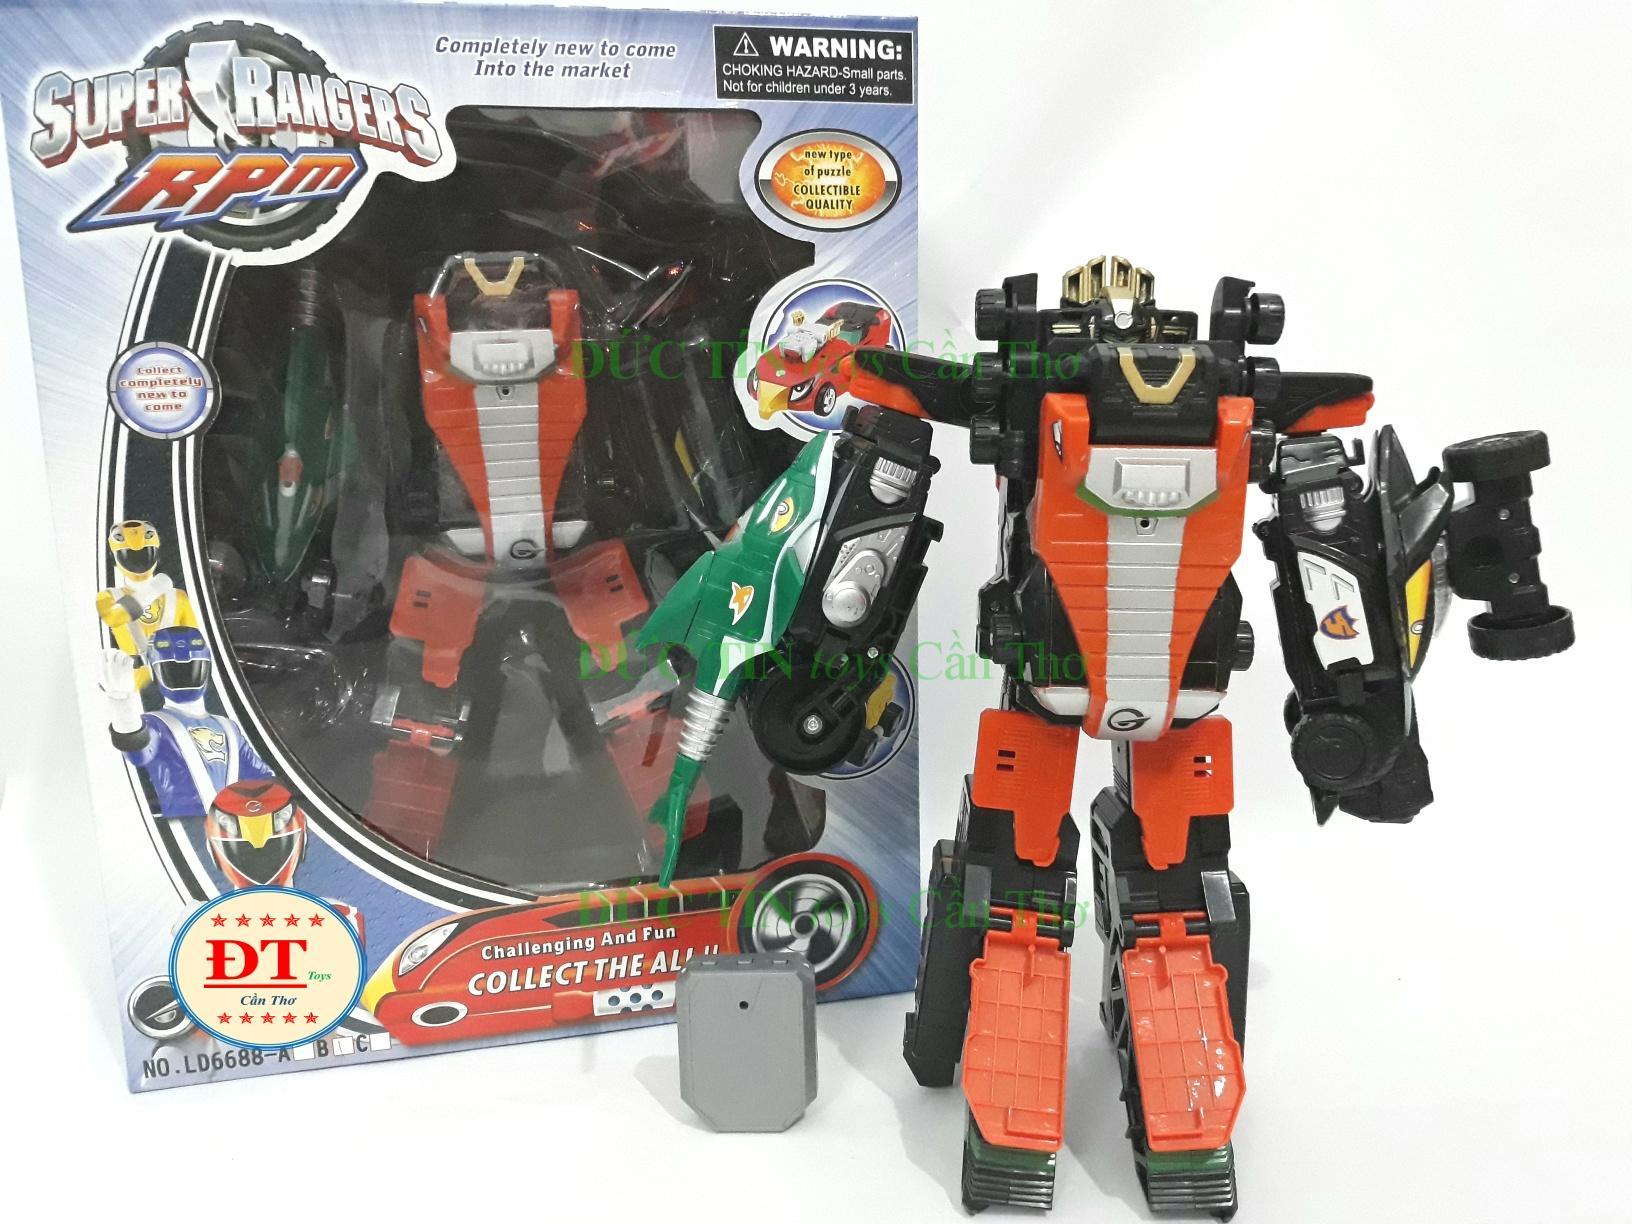 ĐỒ ChƠi HỘp RÁp Robot CƠ ĐỘng BiẾn 3 Xe CÁ MẬp LoẠi To By Đức Tín Toys Cần Thơ.